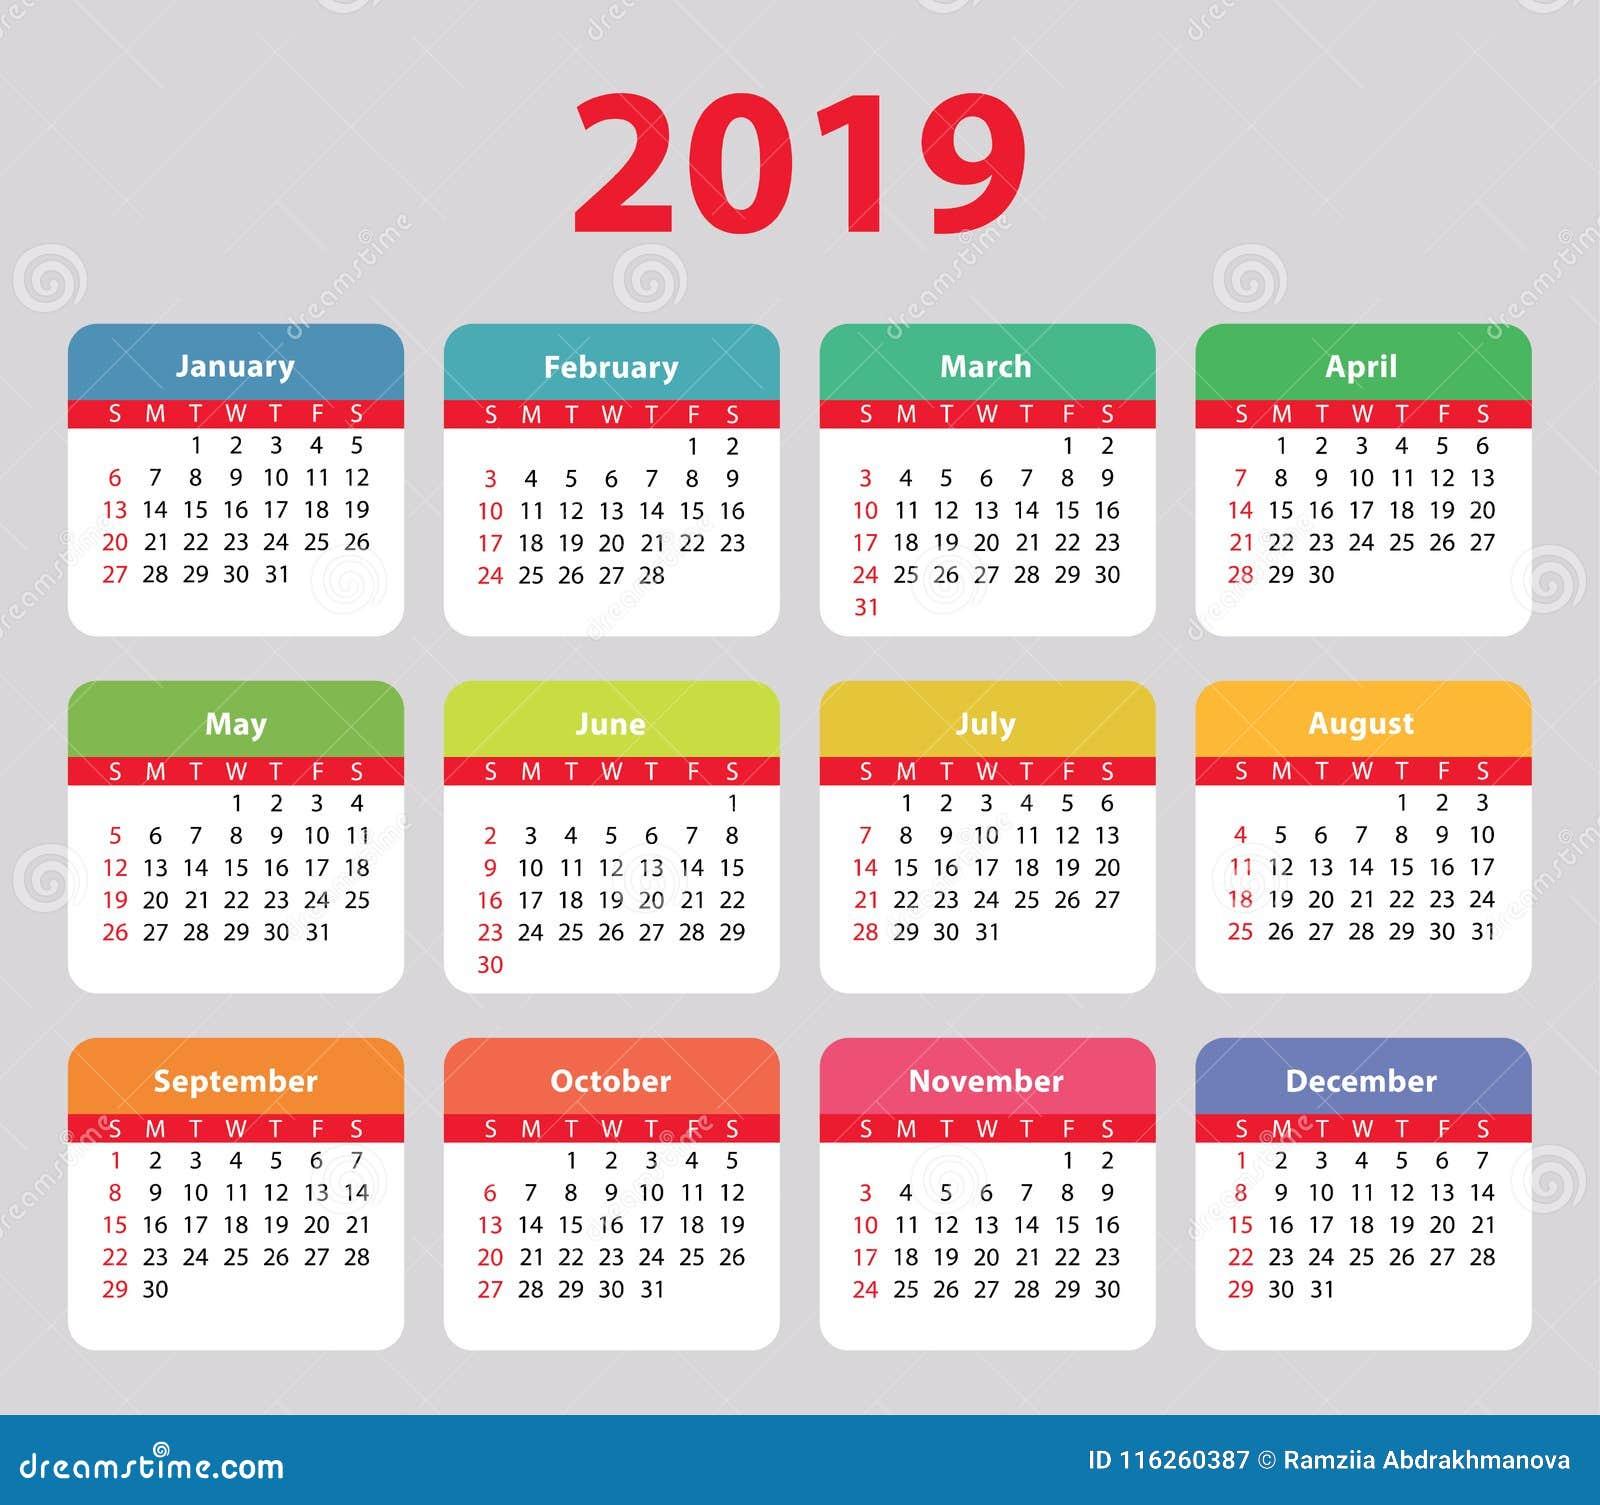 Calendario 2019 Julio Agosto Y Septiembre.Calendario 2019 La Semana Comienza El Domingo Basico